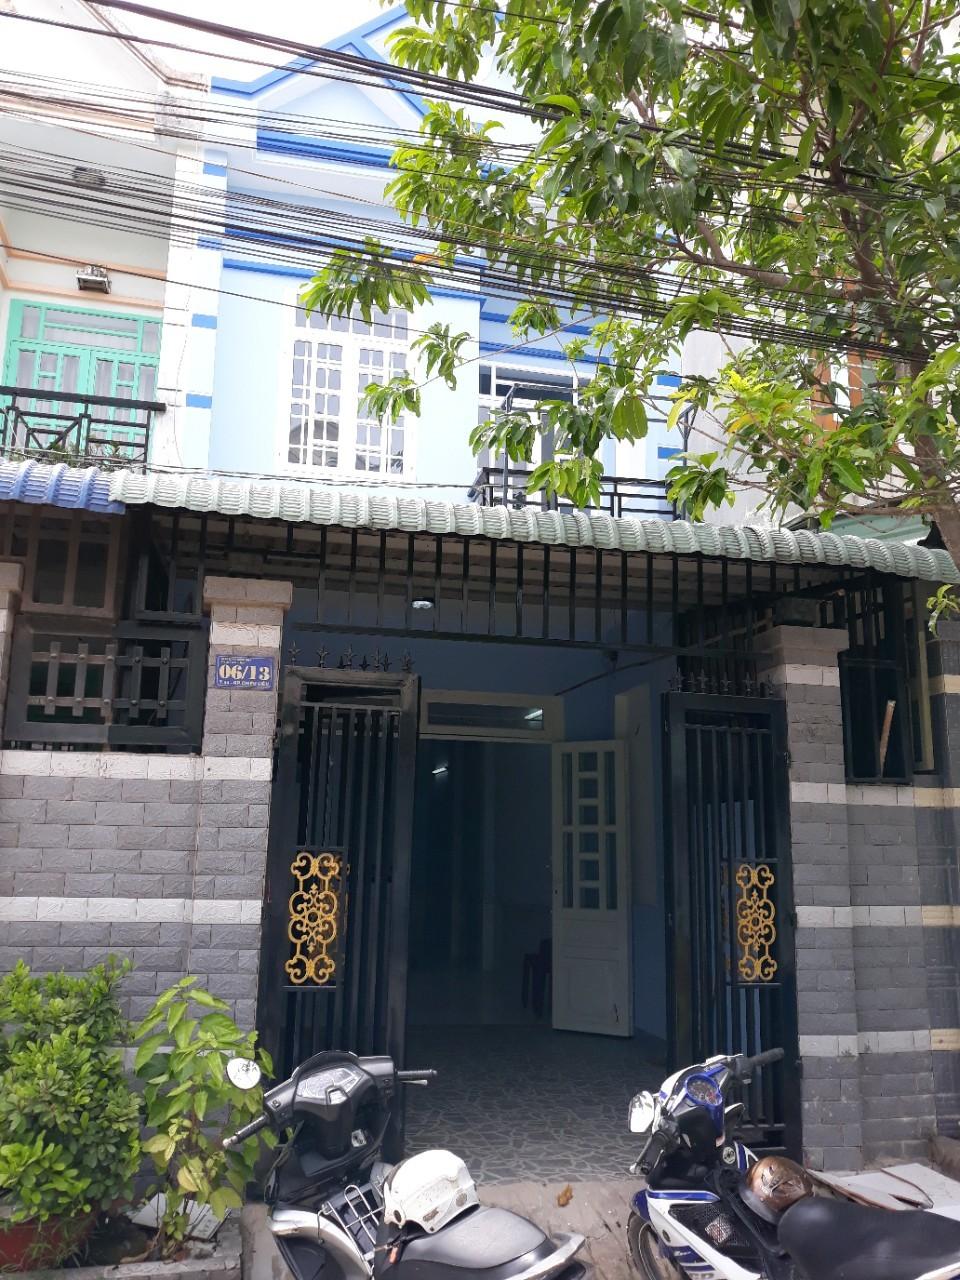 Bán nhà 1 trệt 1 lầu,giá rẻ,buôn bán tốt,đường ĐT743,gần bến xe tân đông hiệp,dĩ an,bình dương